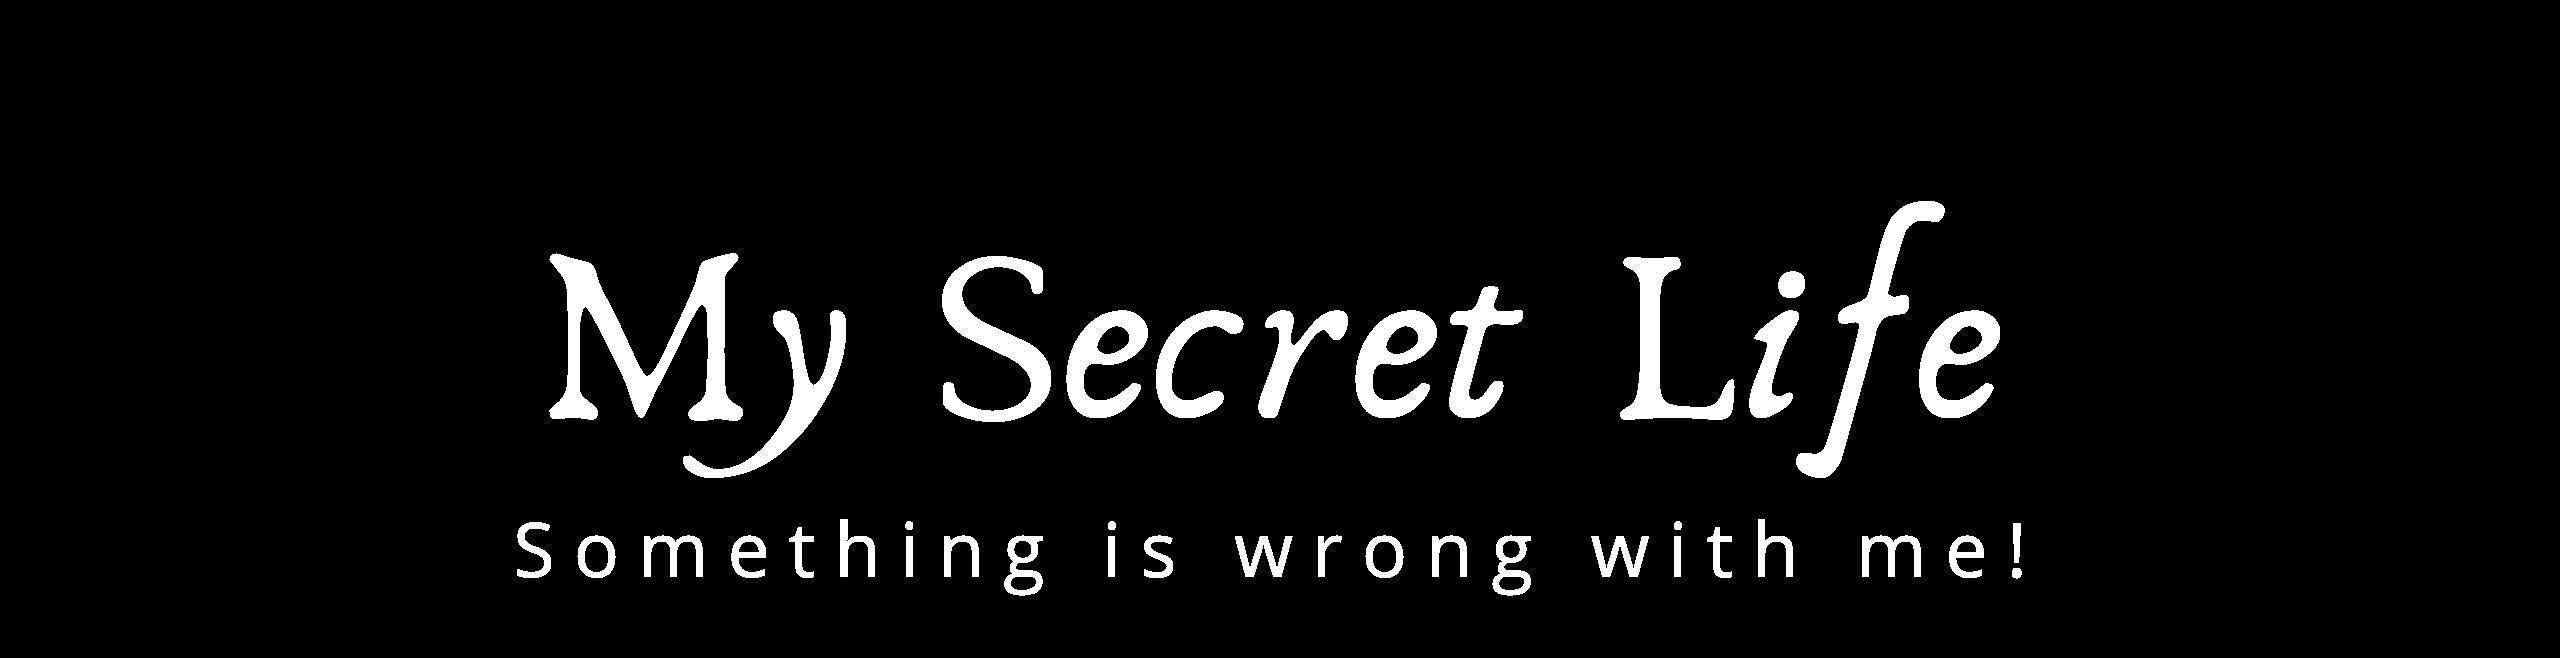 Mein geheimes Leben – Etwas stimmt mit mir nicht!